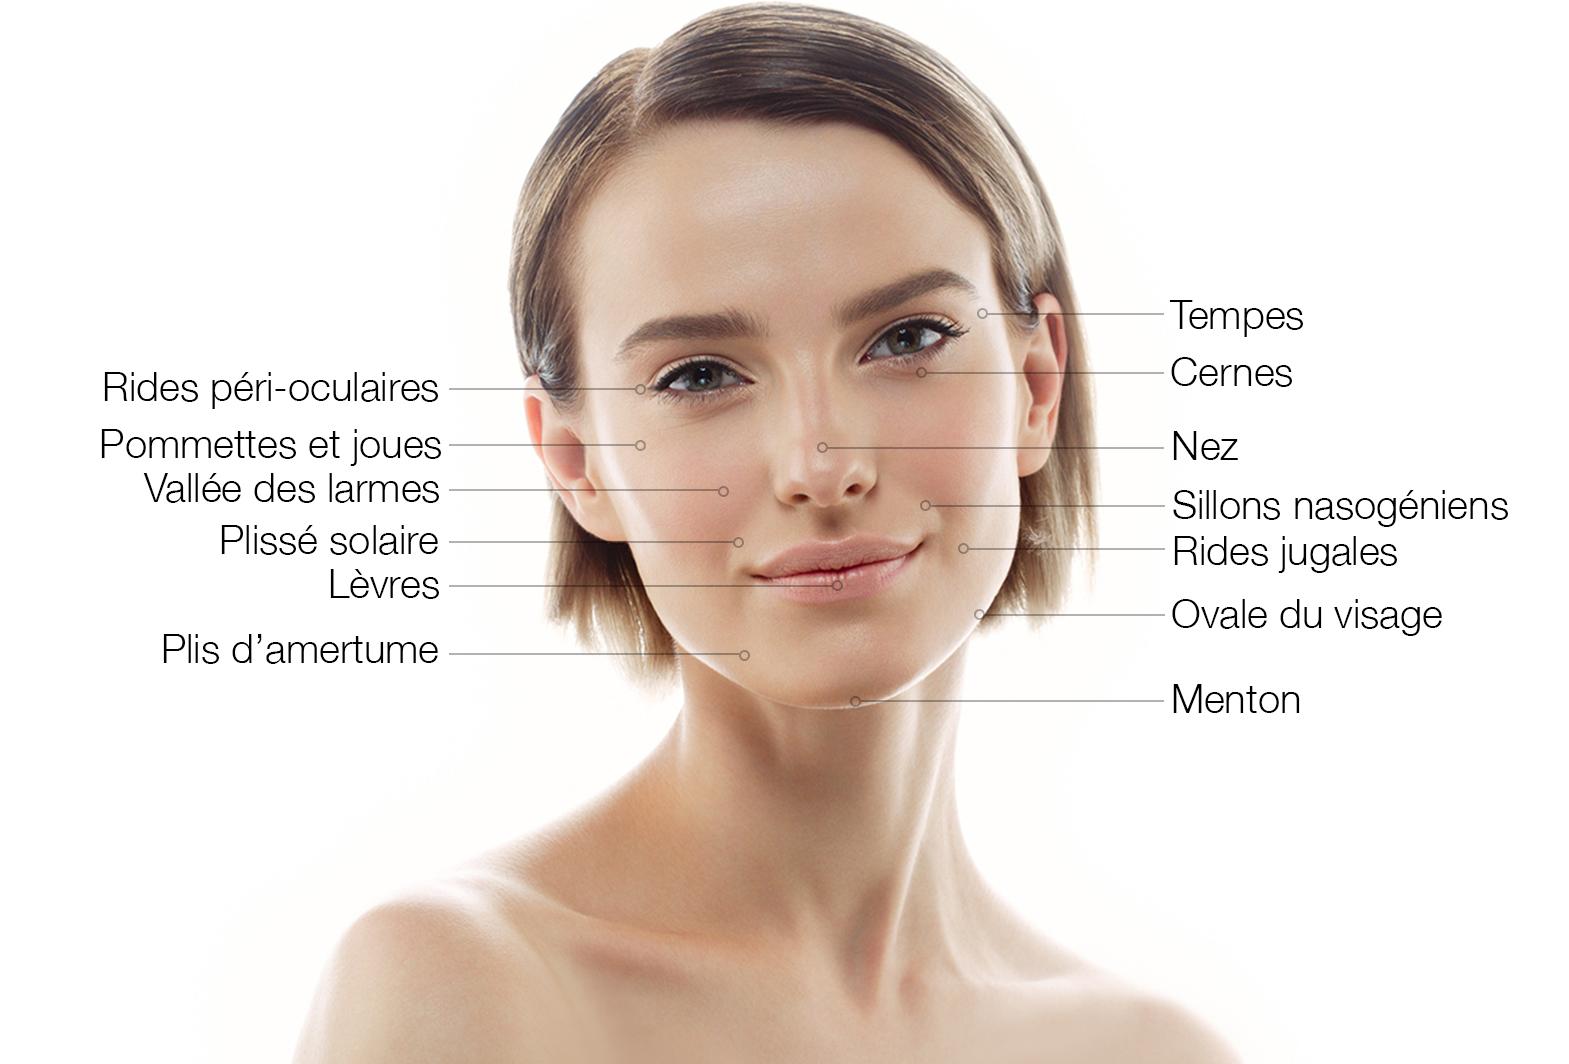 Acide Hyaluronique - Chirurgie Esthétique - Nice - Docteur Buffet